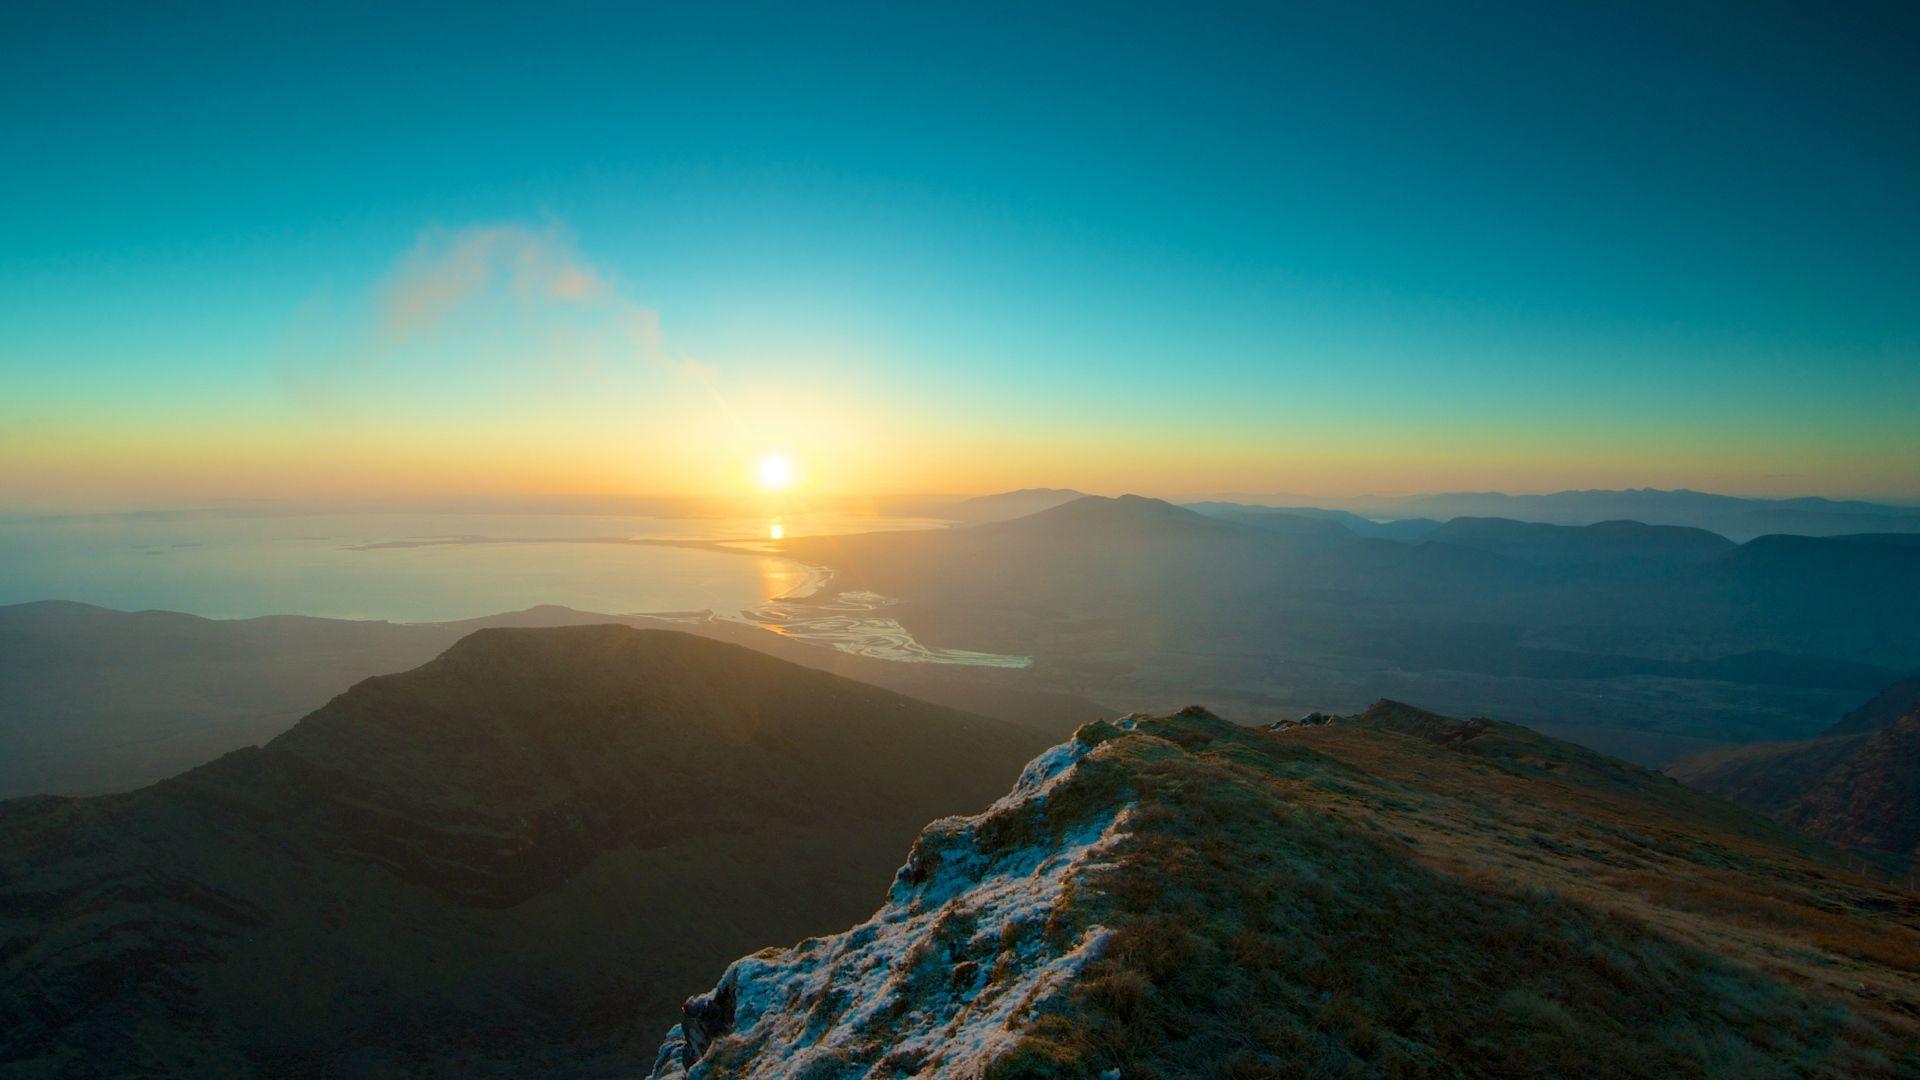 hd hintergrundbilder berge sonnenaufgang sonne licht wasser bucht 1920x1080